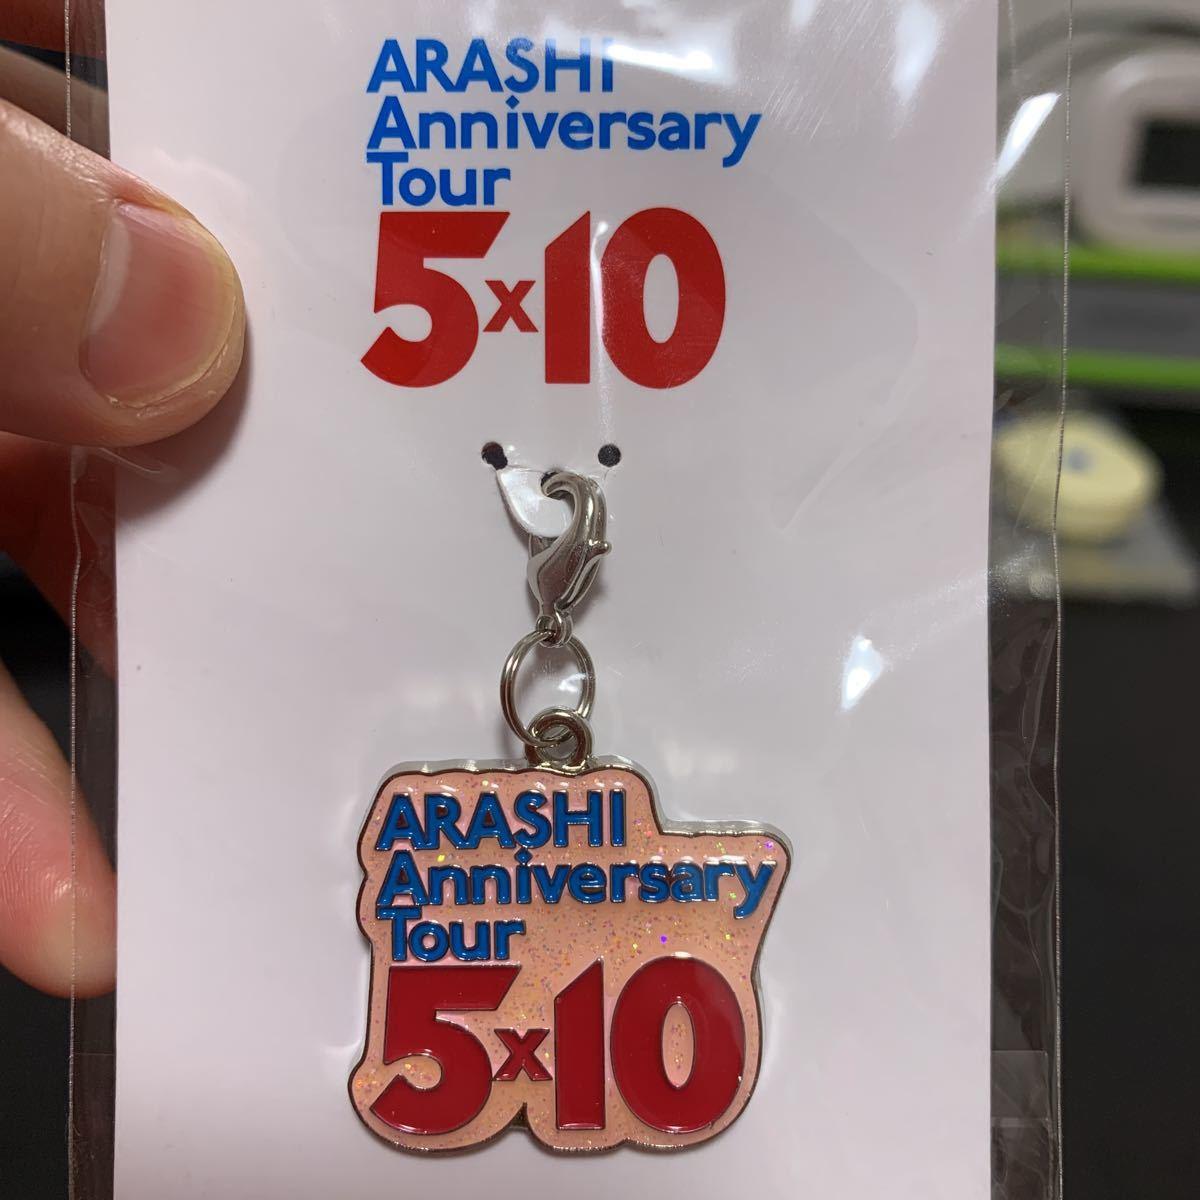 嵐 ARASHI Anniversary Tour 5×10 会場限定チャーム 東京ドーム ピンク色 新品未開封 送料無料 嵐10周年コンサートライブグッズ 2009年